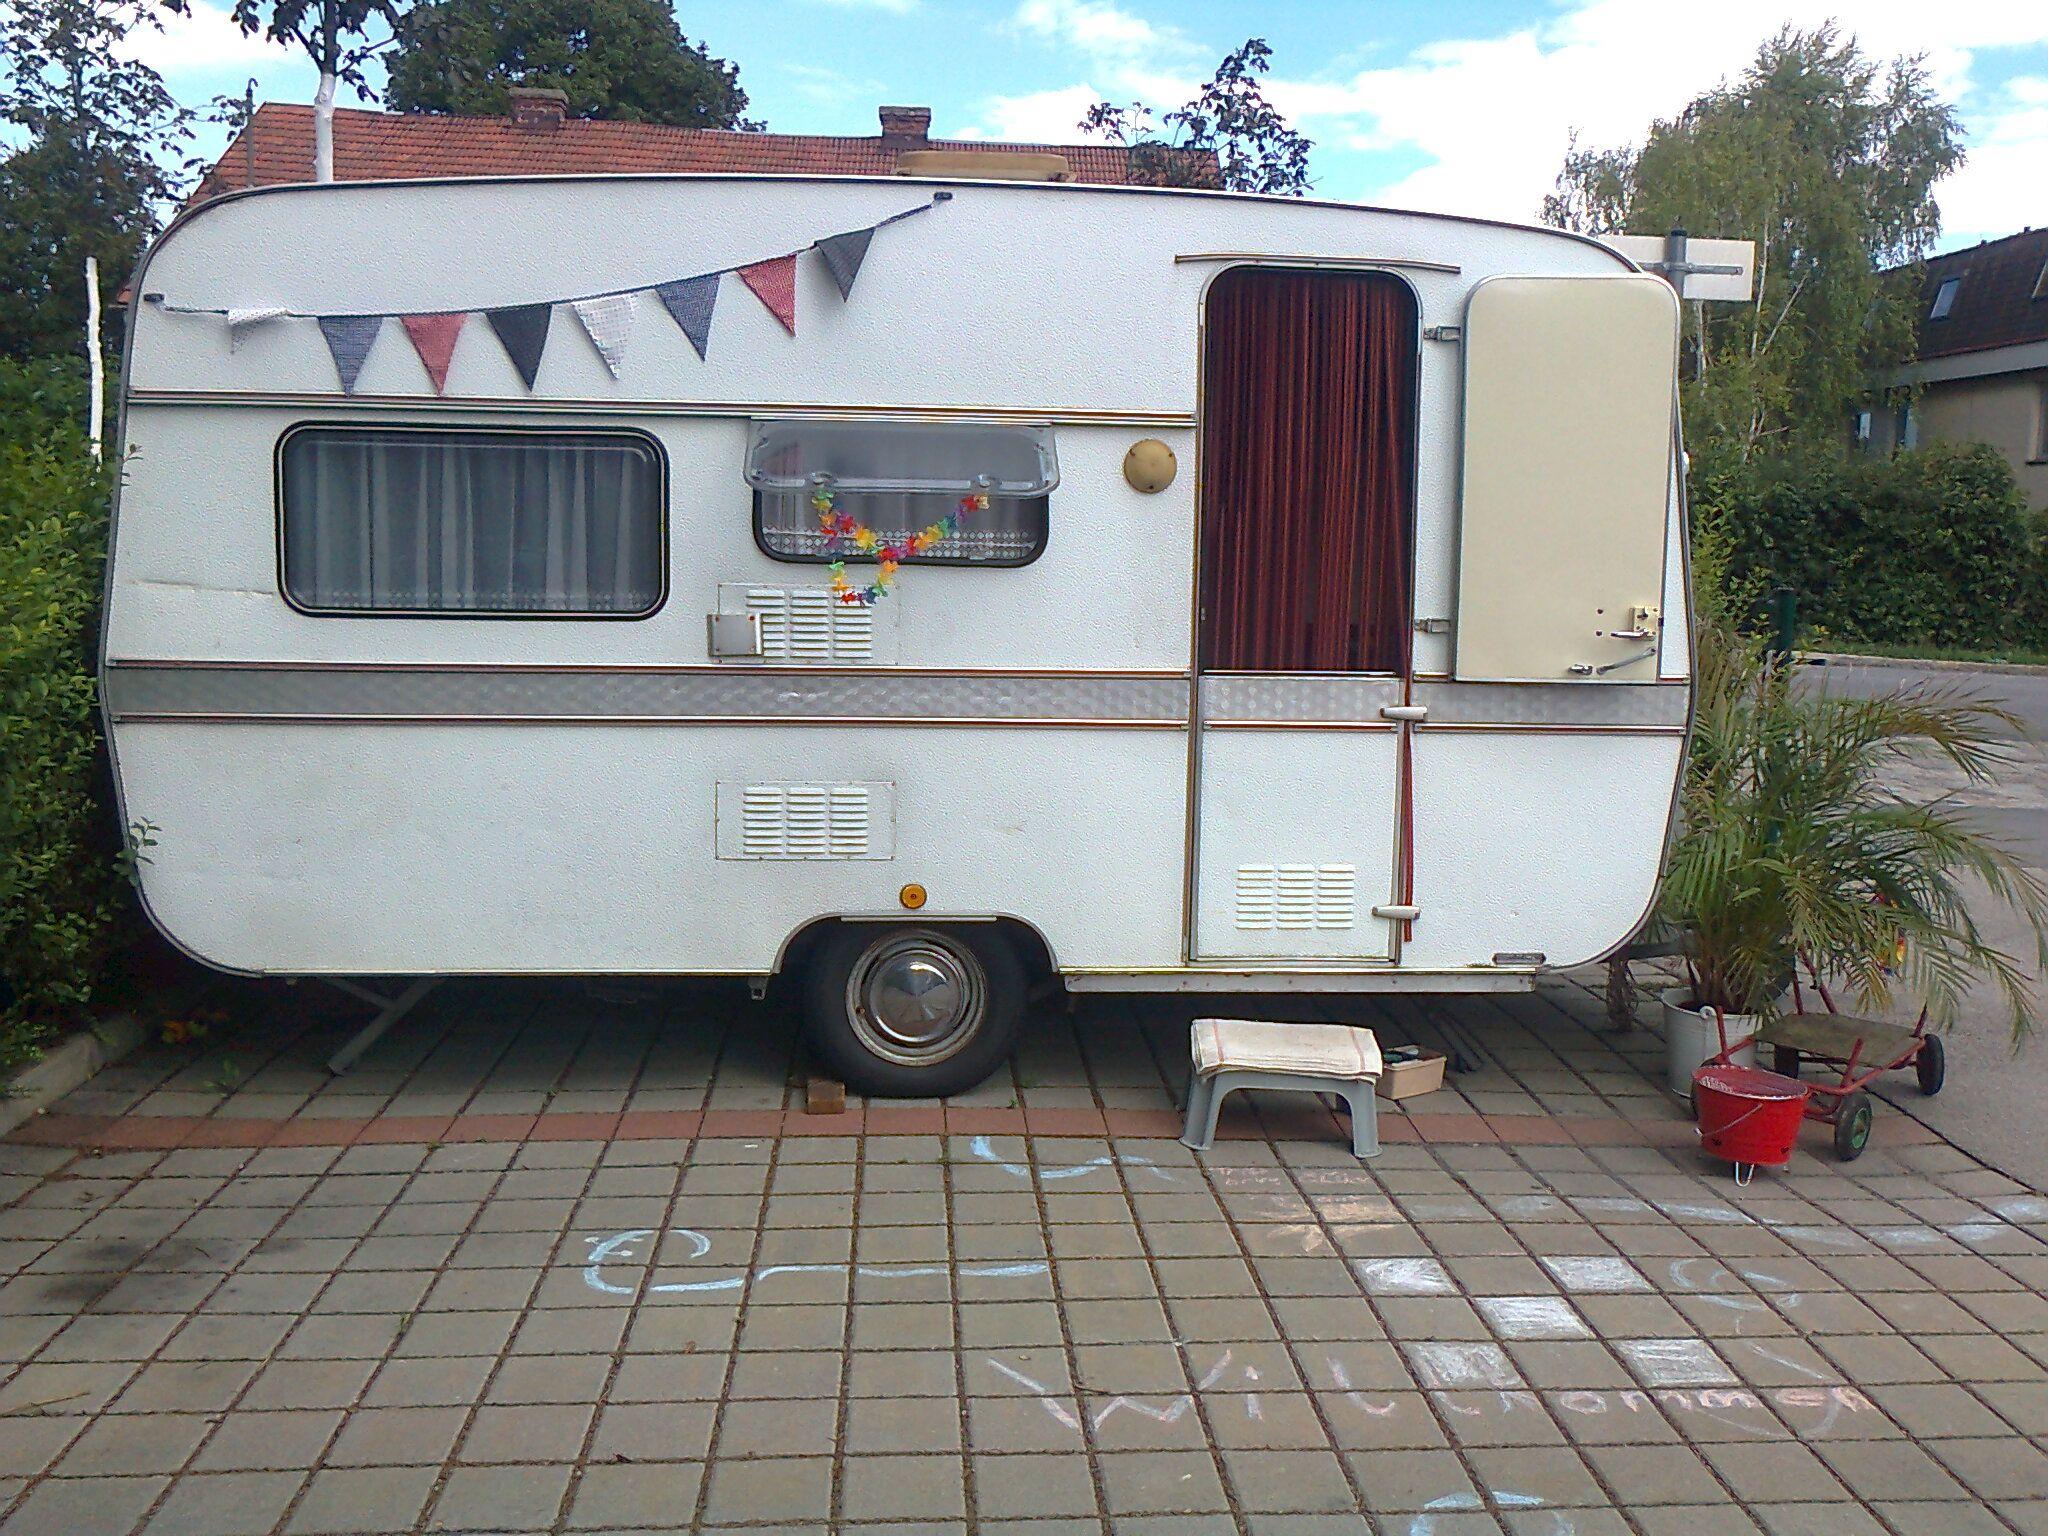 Mein Wohnwagenprojekt: Das ist Vinnie. Baujahr 1975, bestens erhalten und dabei, eine Vintage-Schönheit zu werden.